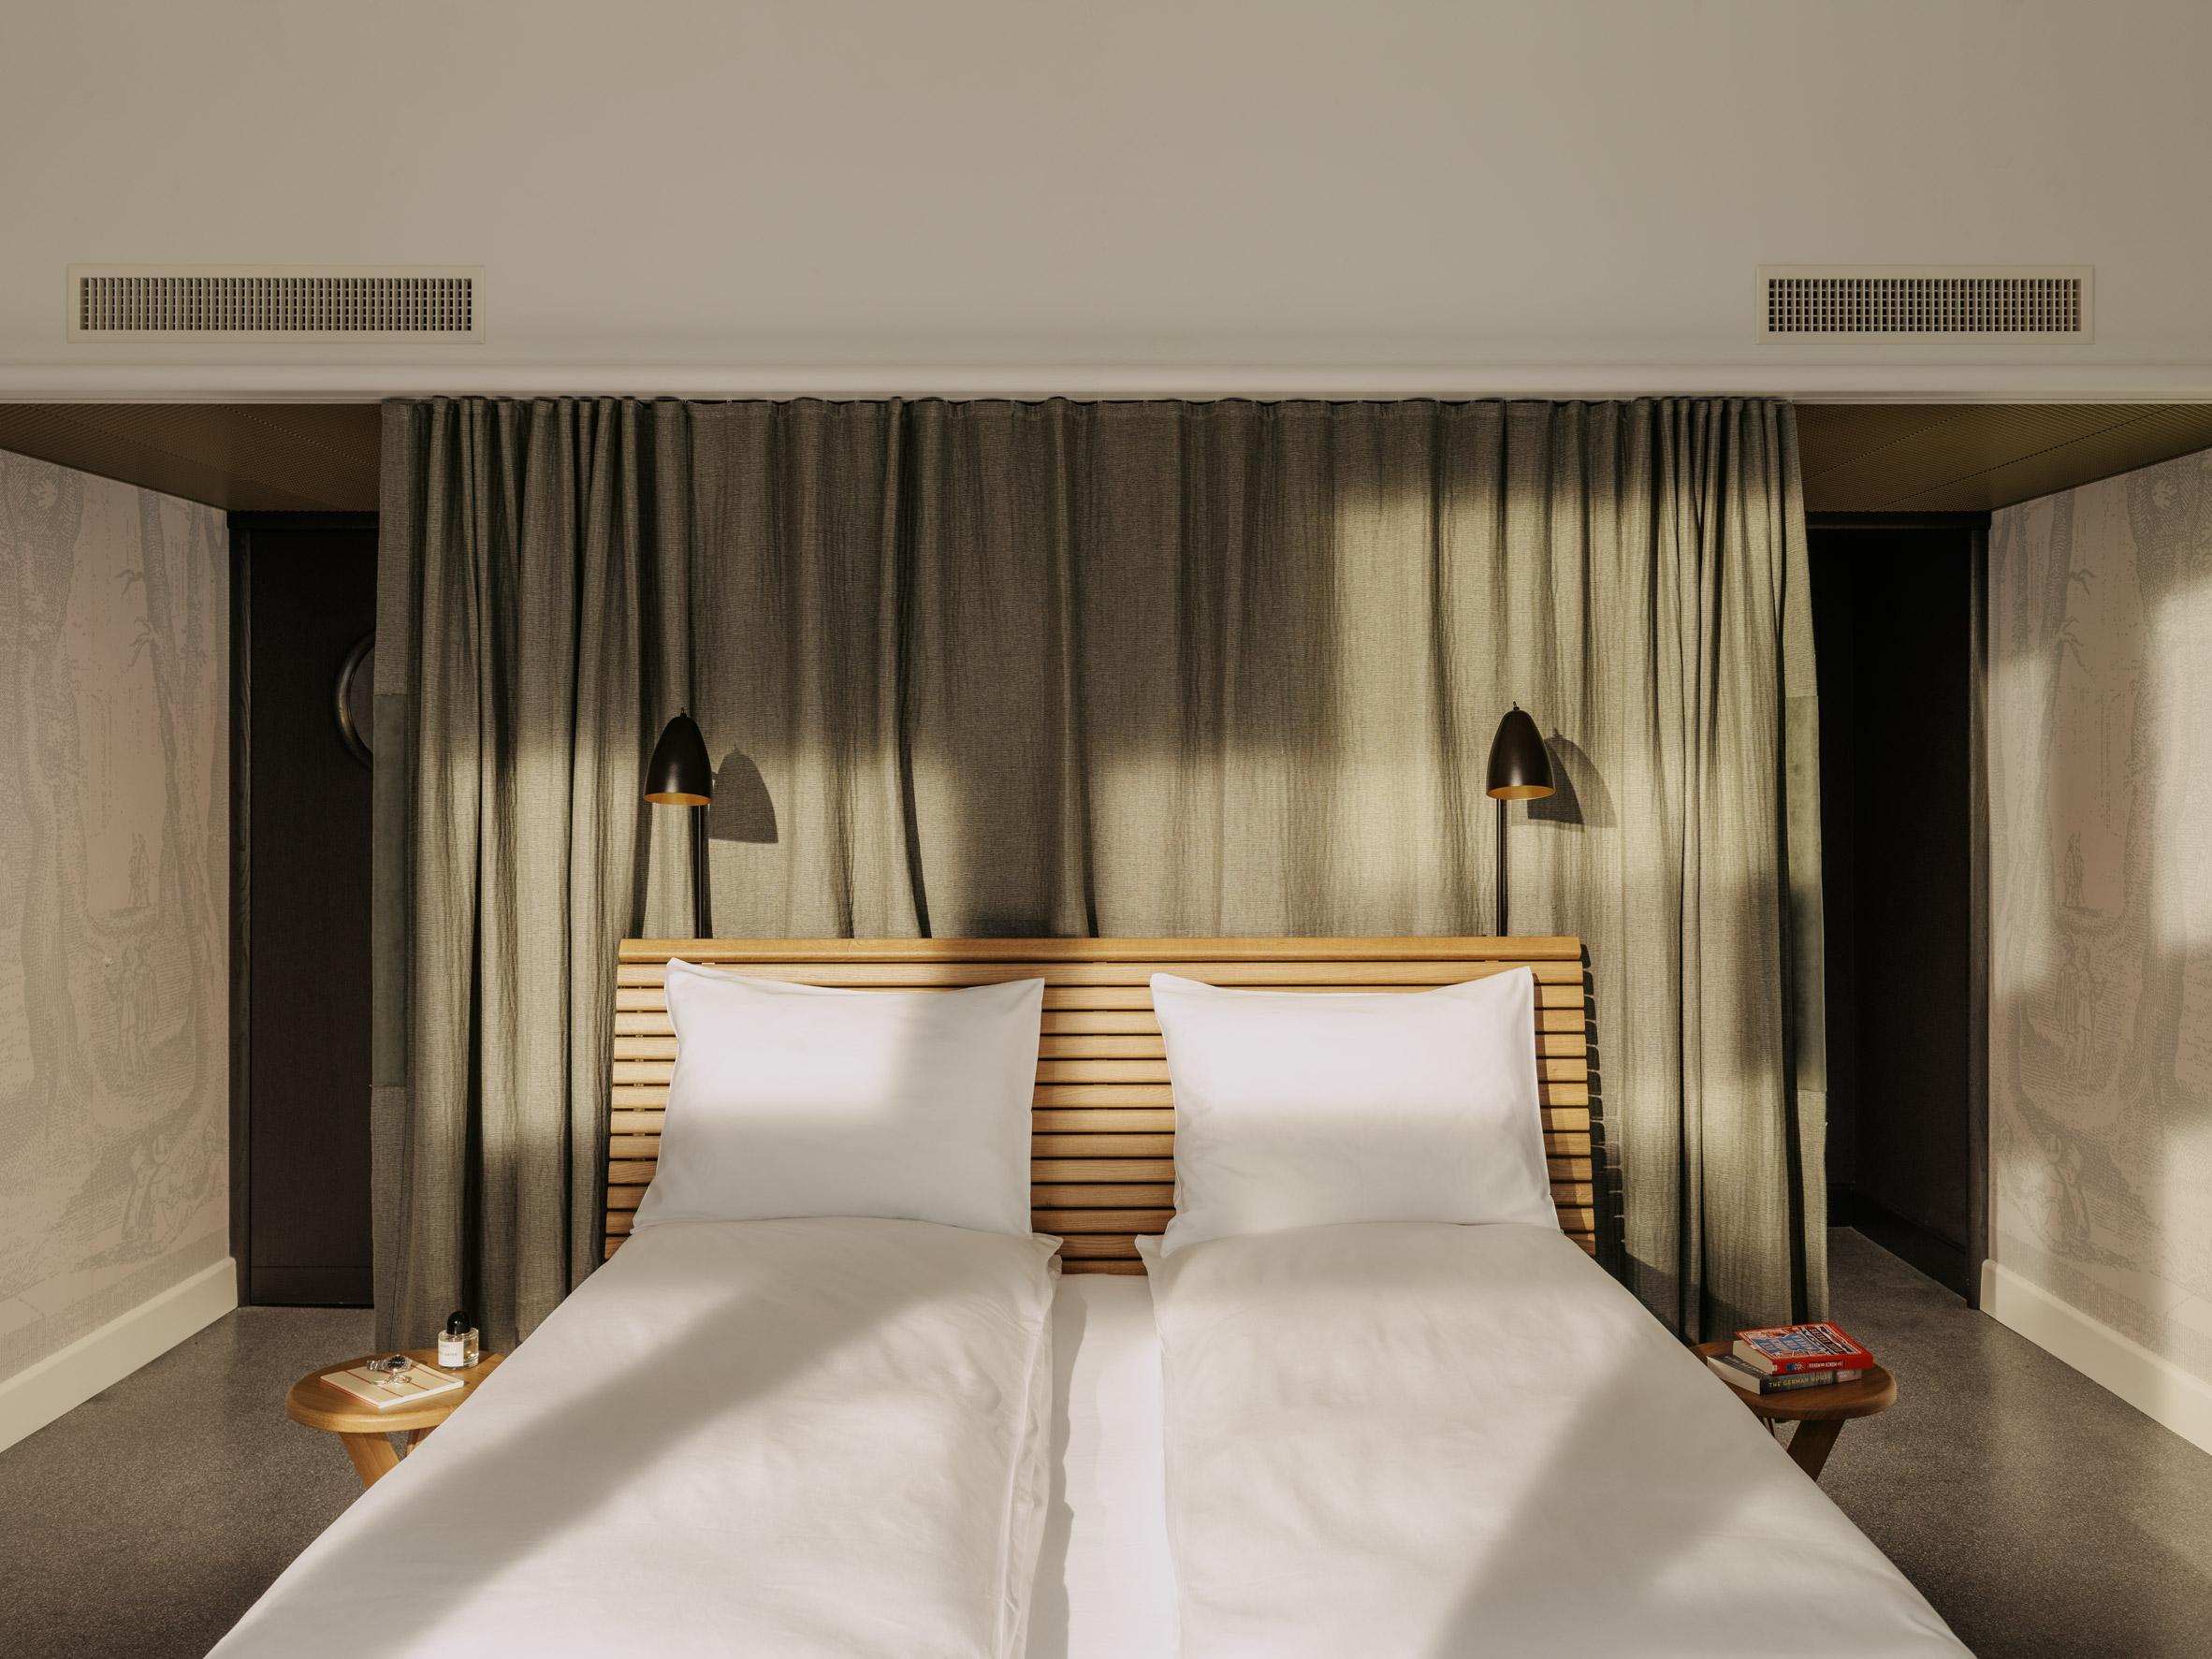 Bed with oak-slatted headboard in hotel bedroom